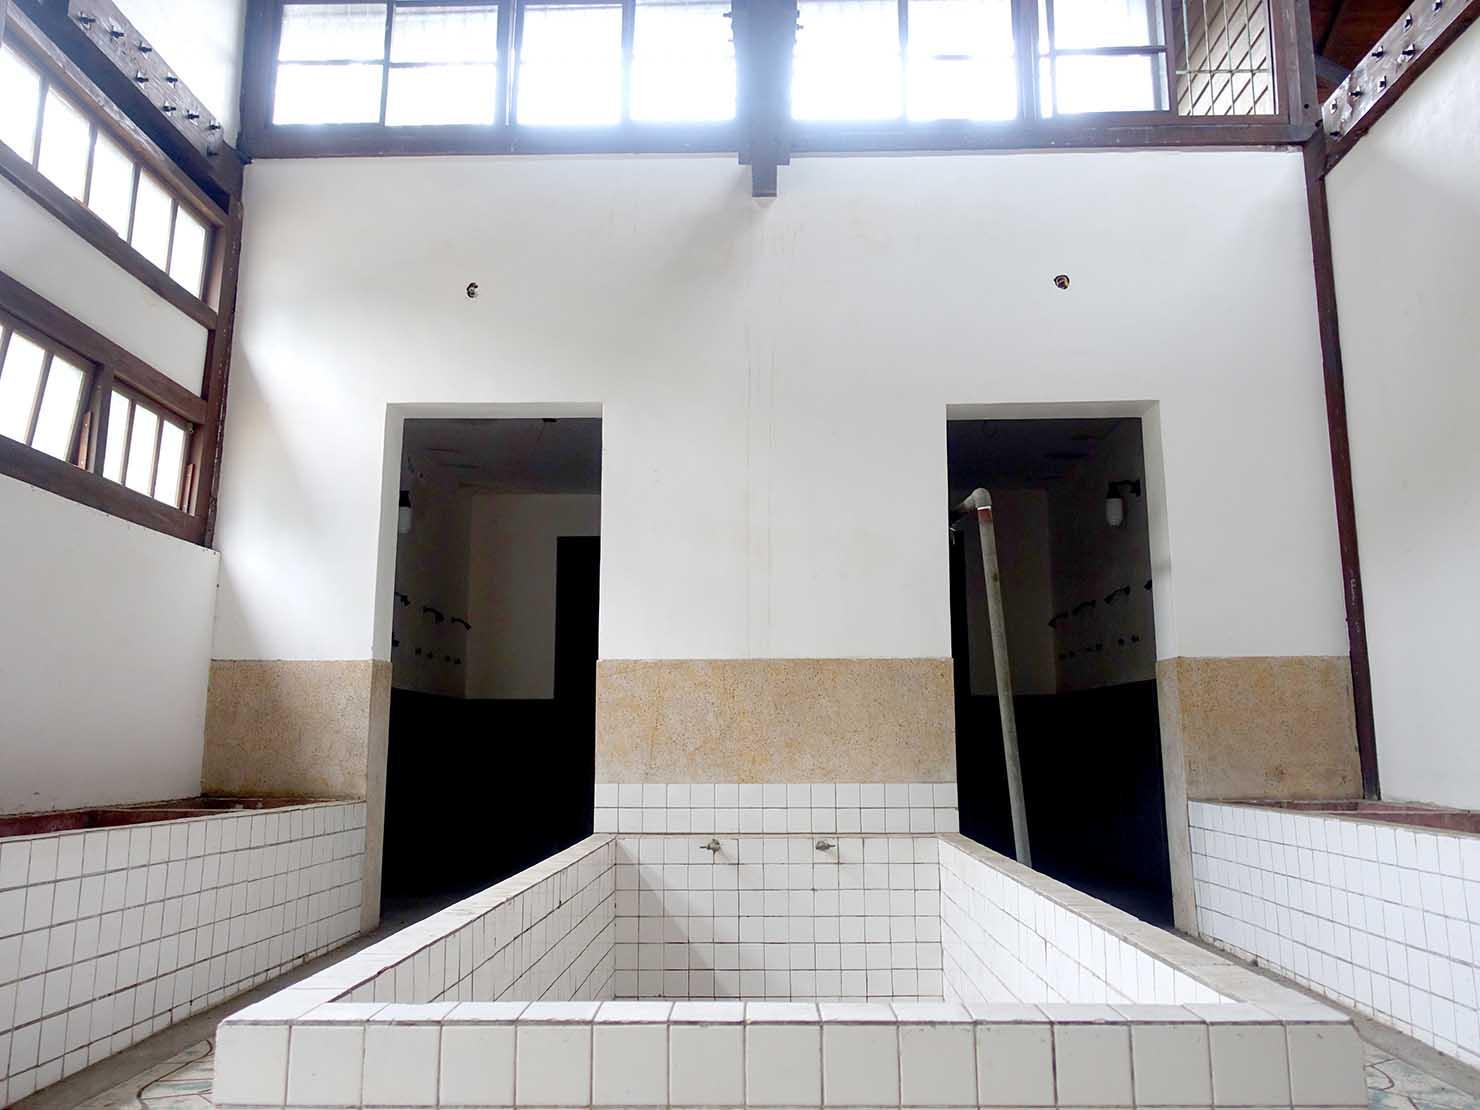 嘉義のおすすめ観光スポット「嘉義舊監獄」の浴室